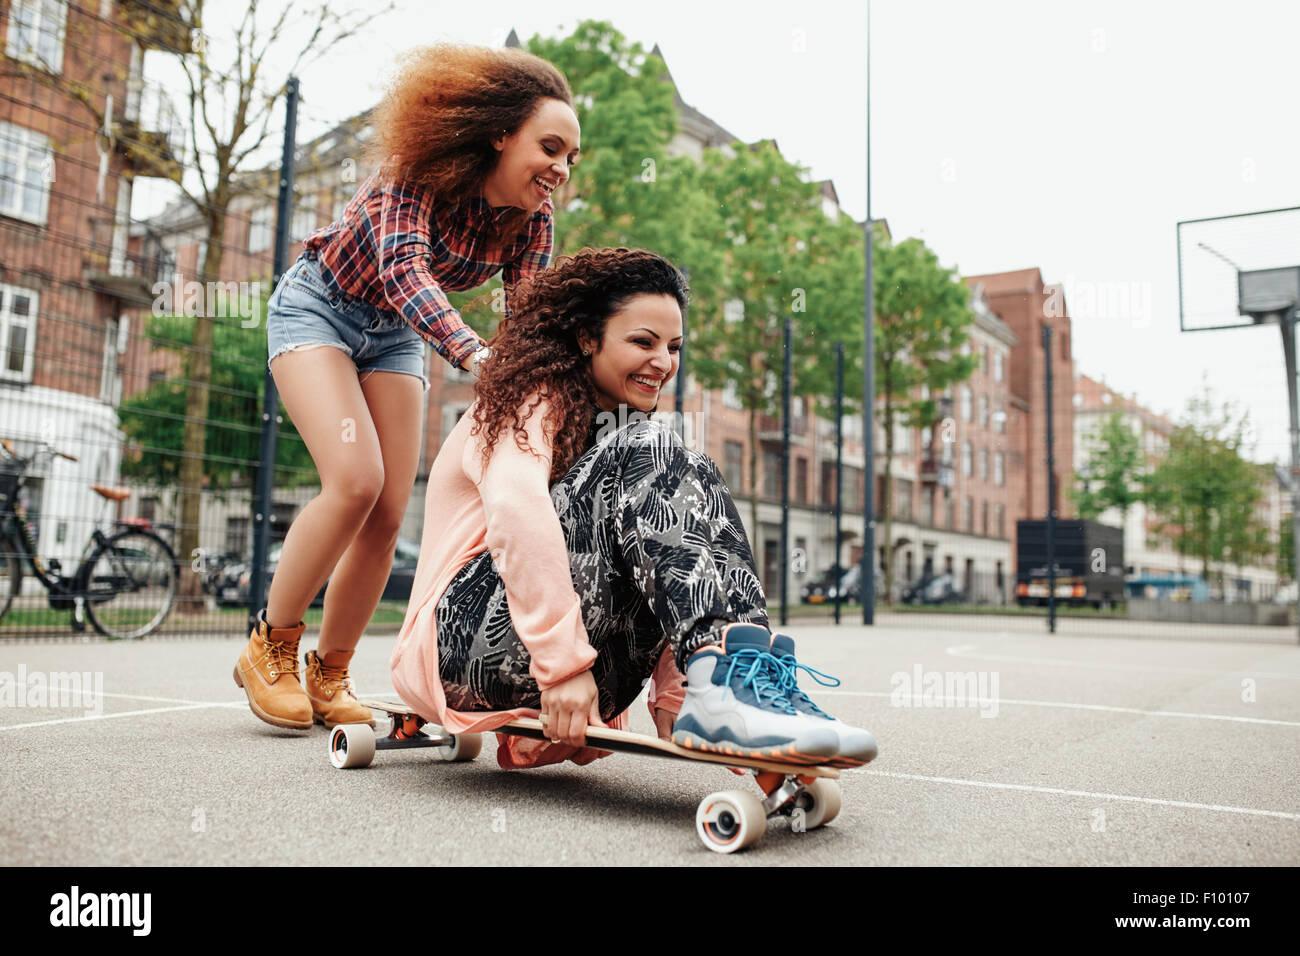 Feliz joven sentado en longboard empujados por su amigo. Las mujeres jóvenes disfrutando el patinaje al aire Imagen De Stock